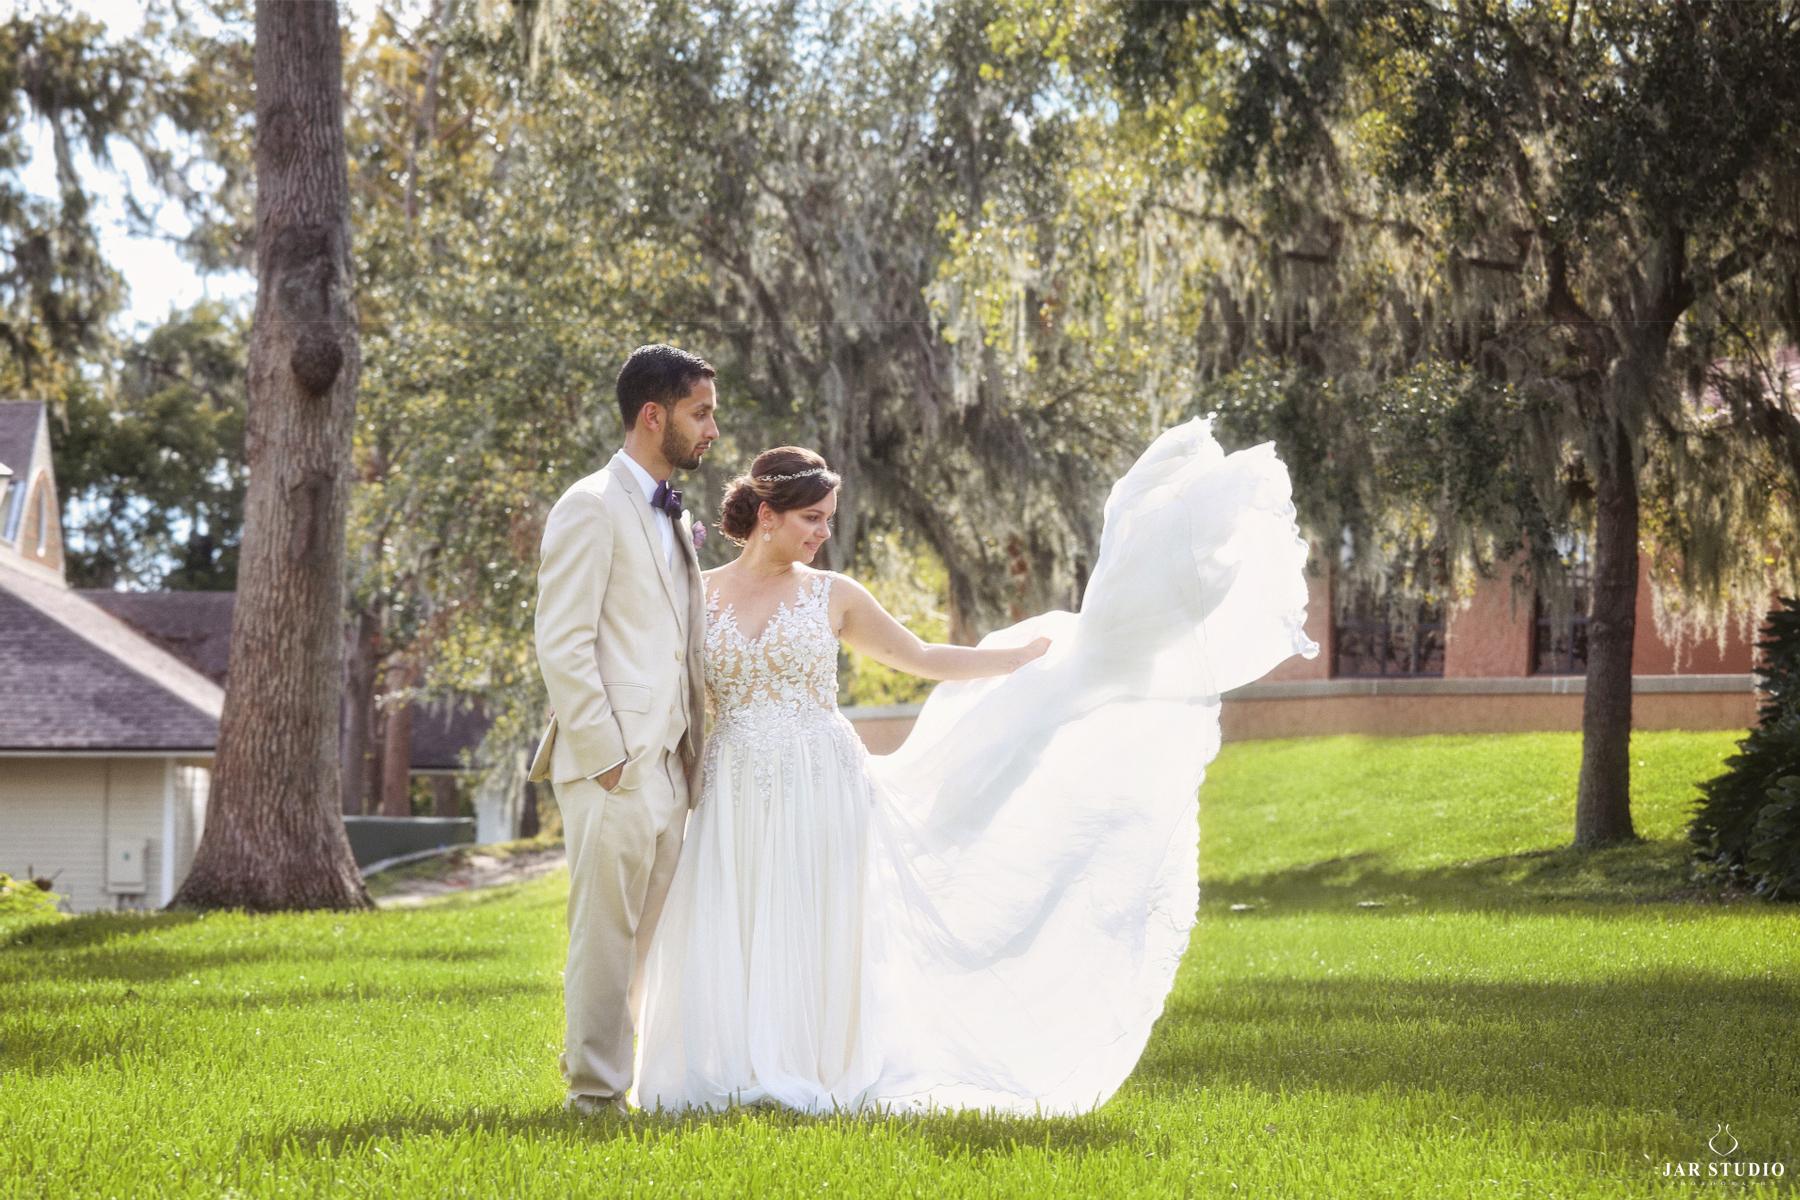 jarstudio-wedding-photographer-359.JPG